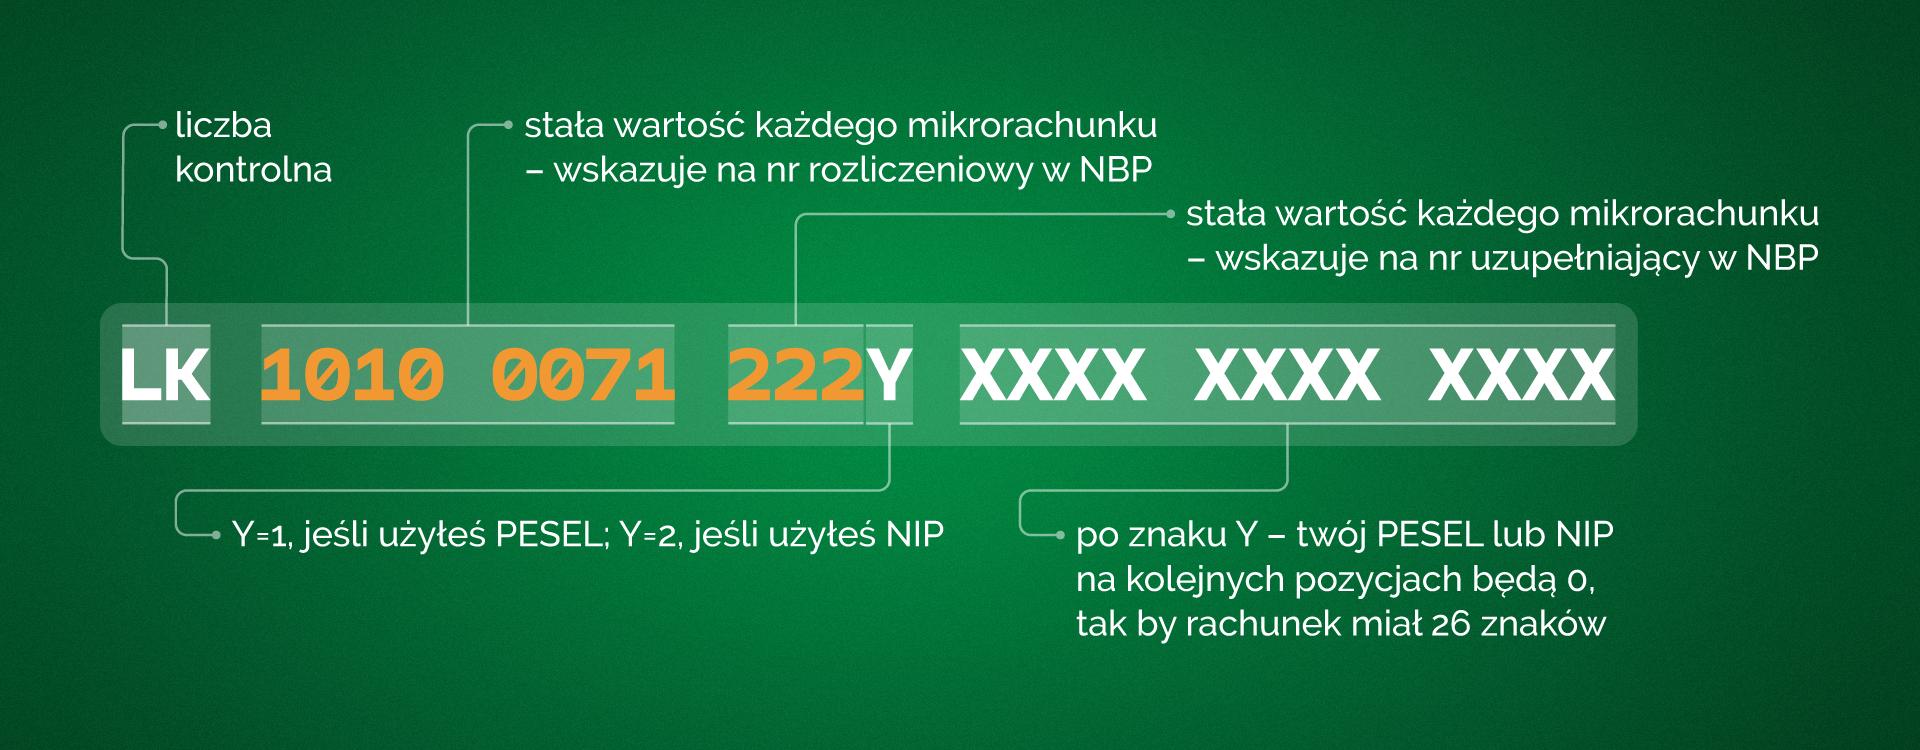 Grafika przedstawiająca schemat  mikrorachunku podatkowego